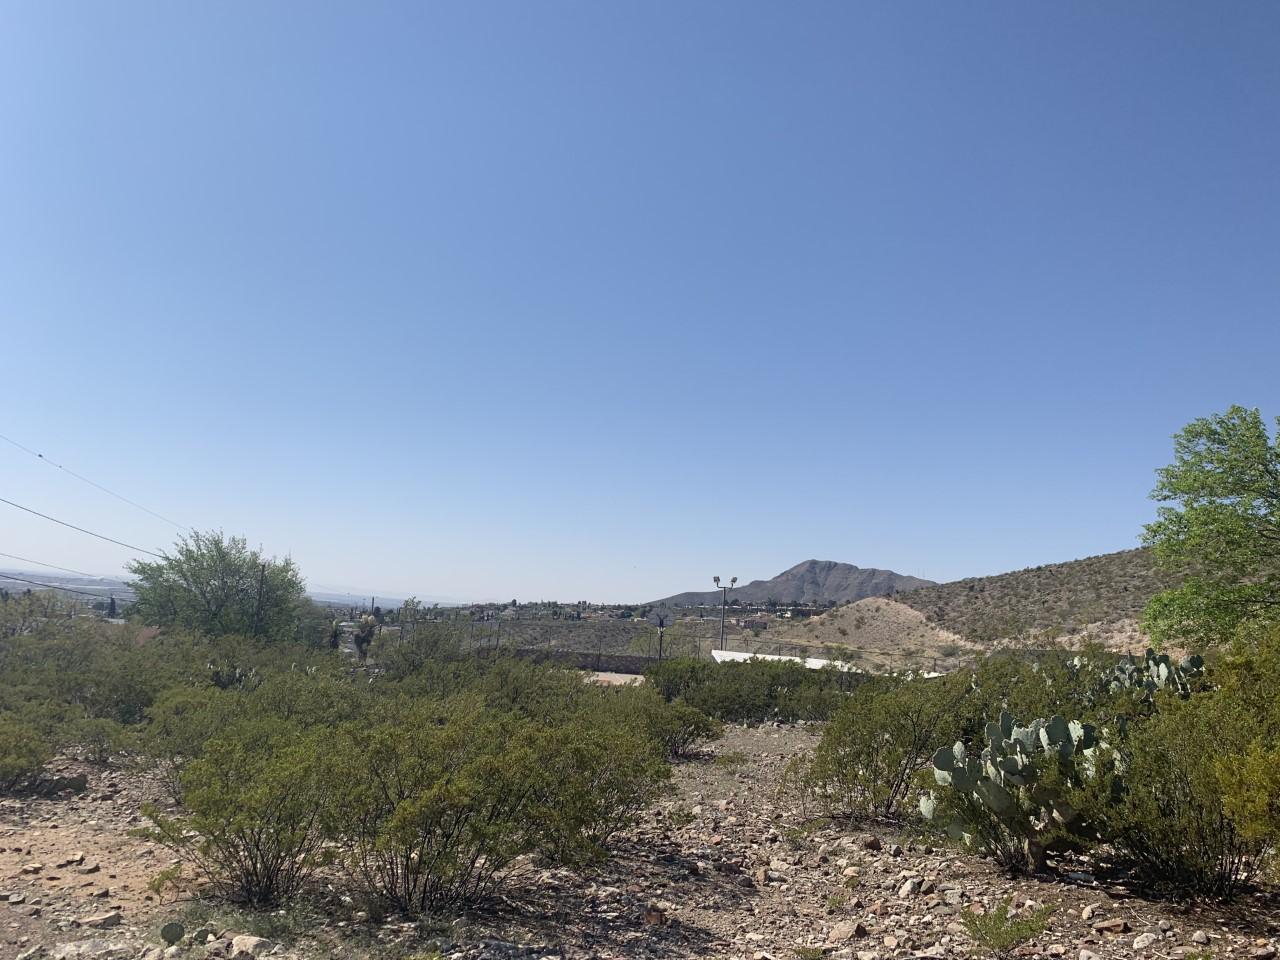 3224 SANDS Avenue, El Paso, Texas 79904, ,Land,For sale,SANDS,827696